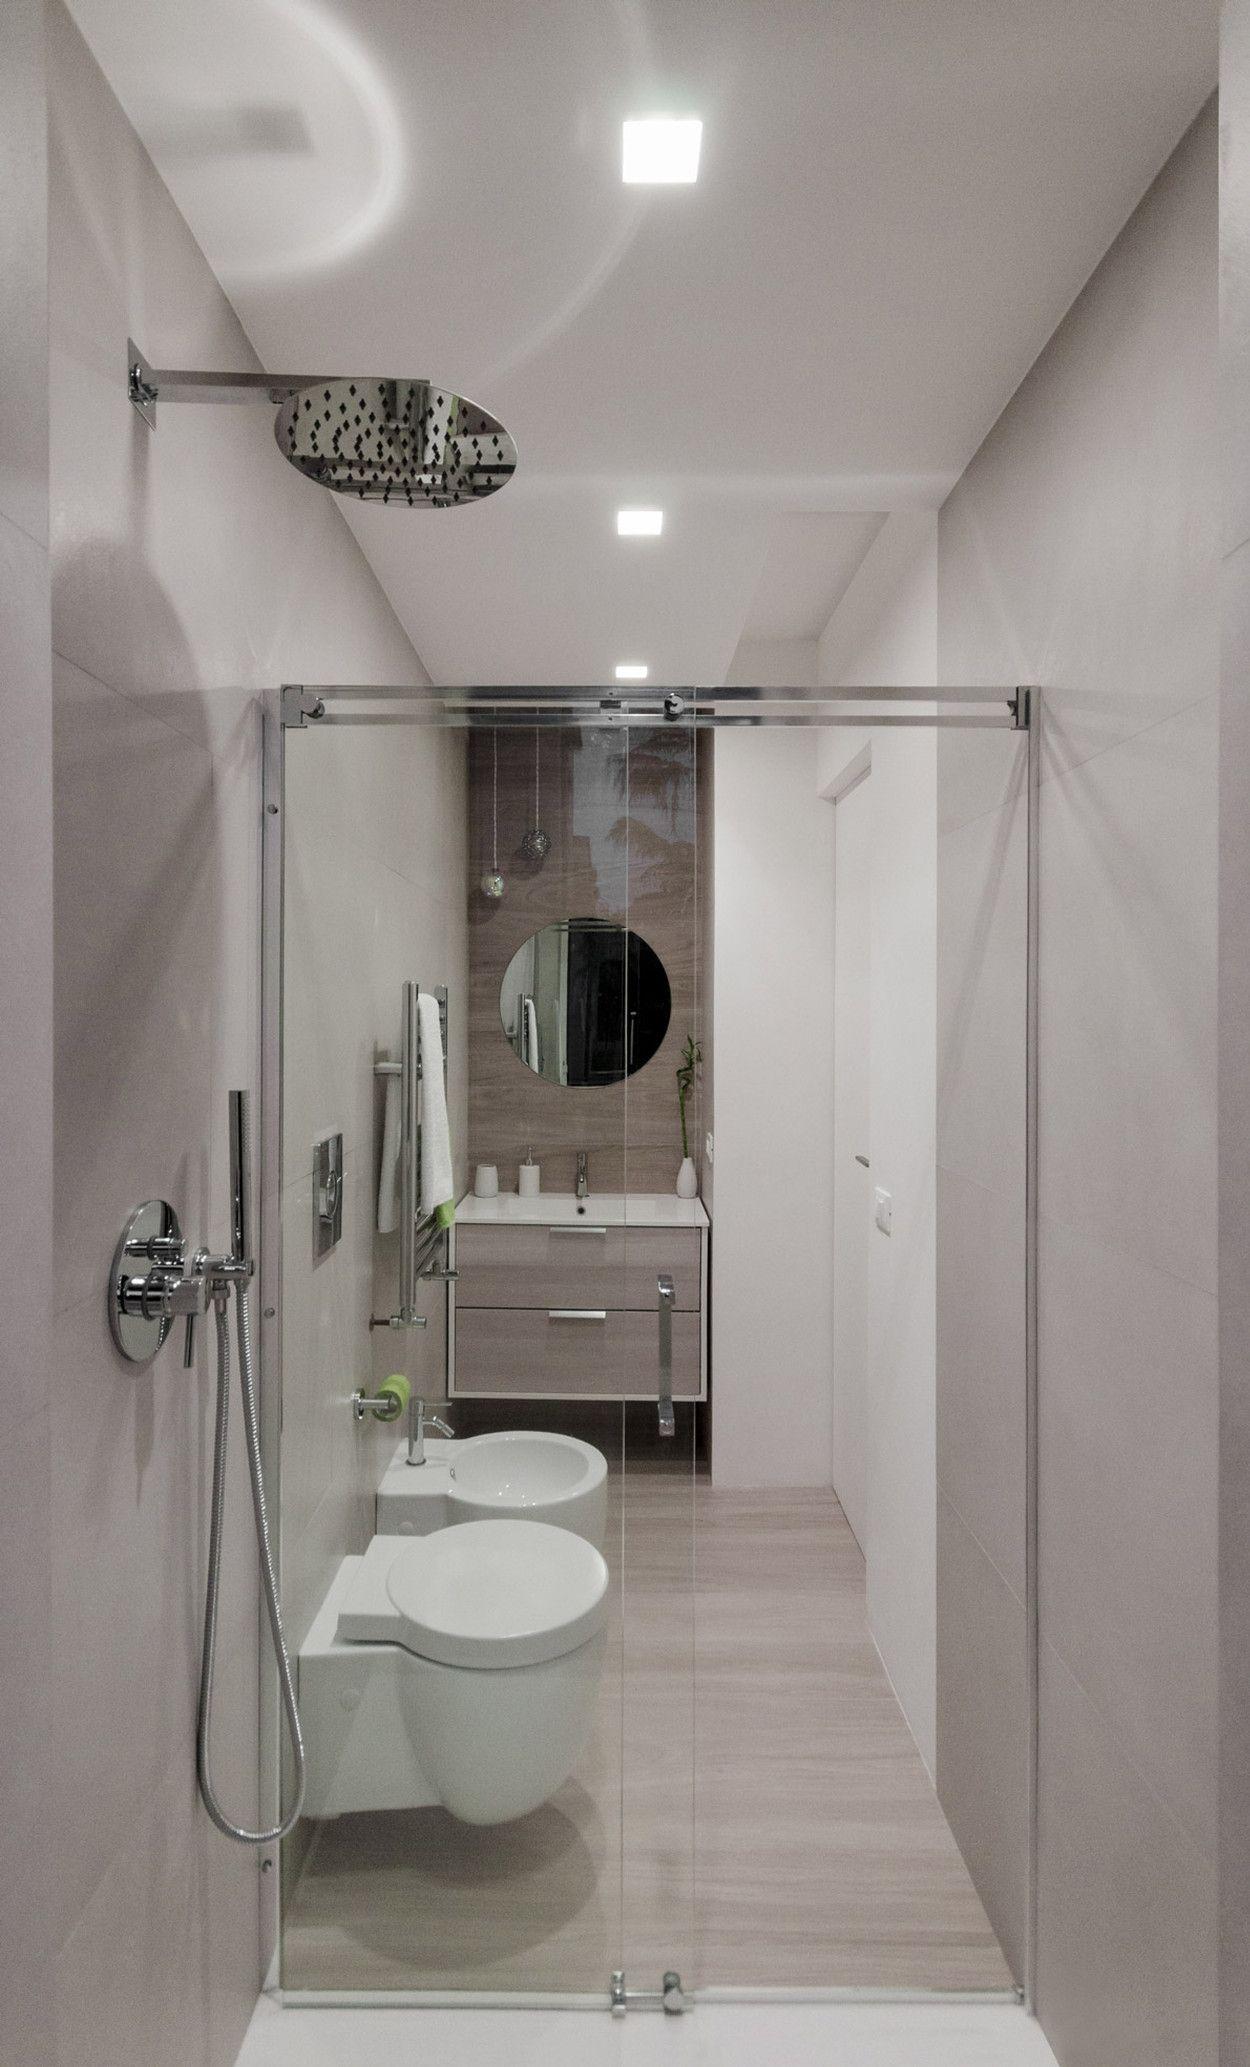 Ristrutturare Bagno Piccolo.Minima Architettura Roma Bagno Design